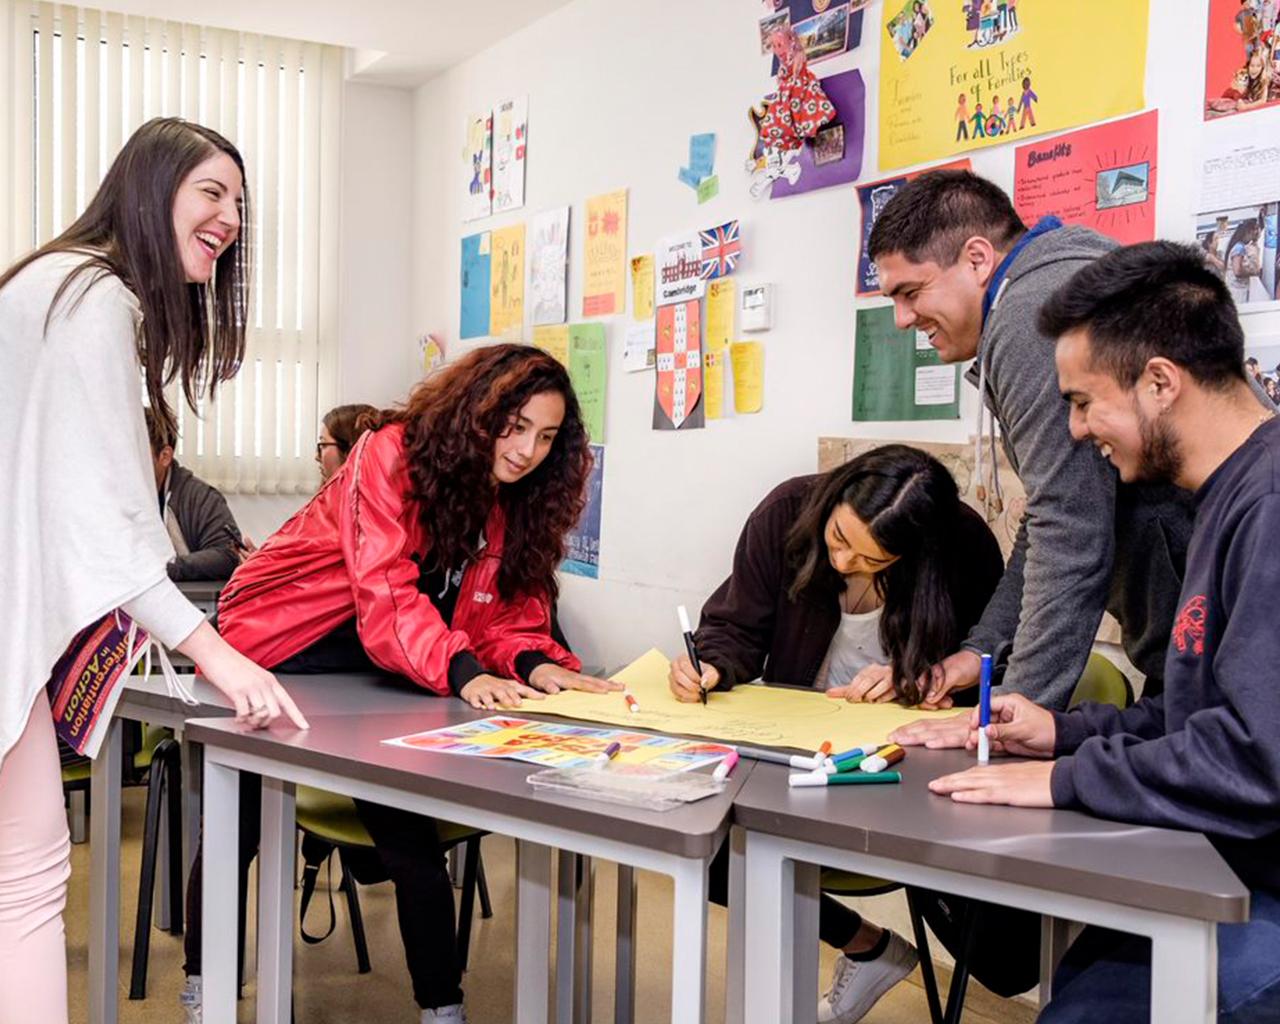 Académicos analizan cómo mejorar la enseñanza en el aula